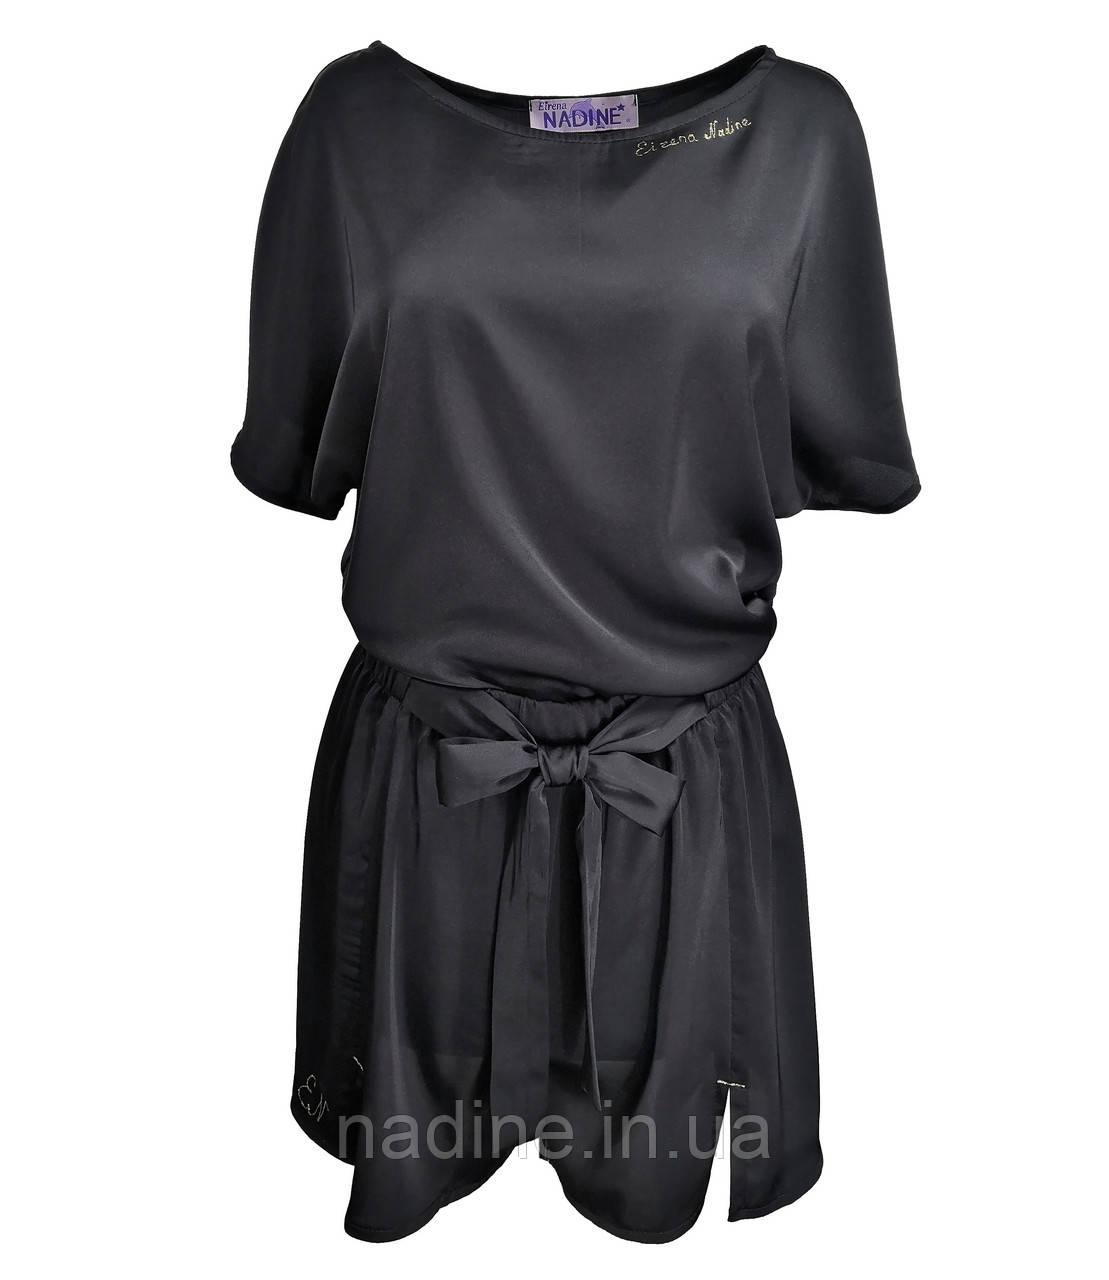 Футболка з шортами піжама Eirena Nadine (750-64) чорний на зріст 164